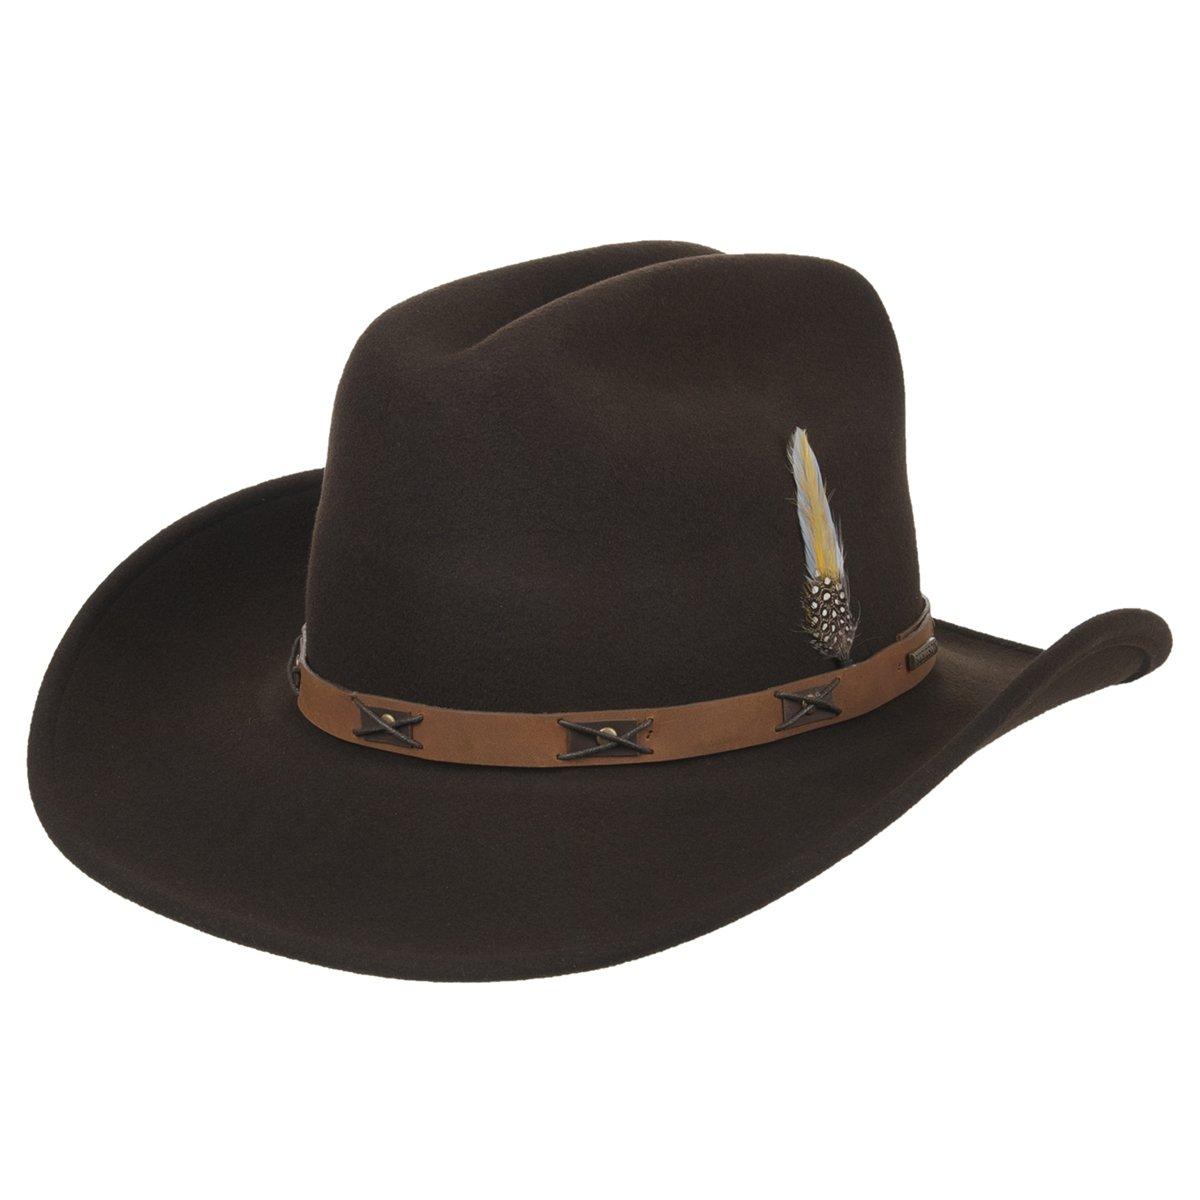 Victorville - il cappello da cowboy in stile western di Stetson